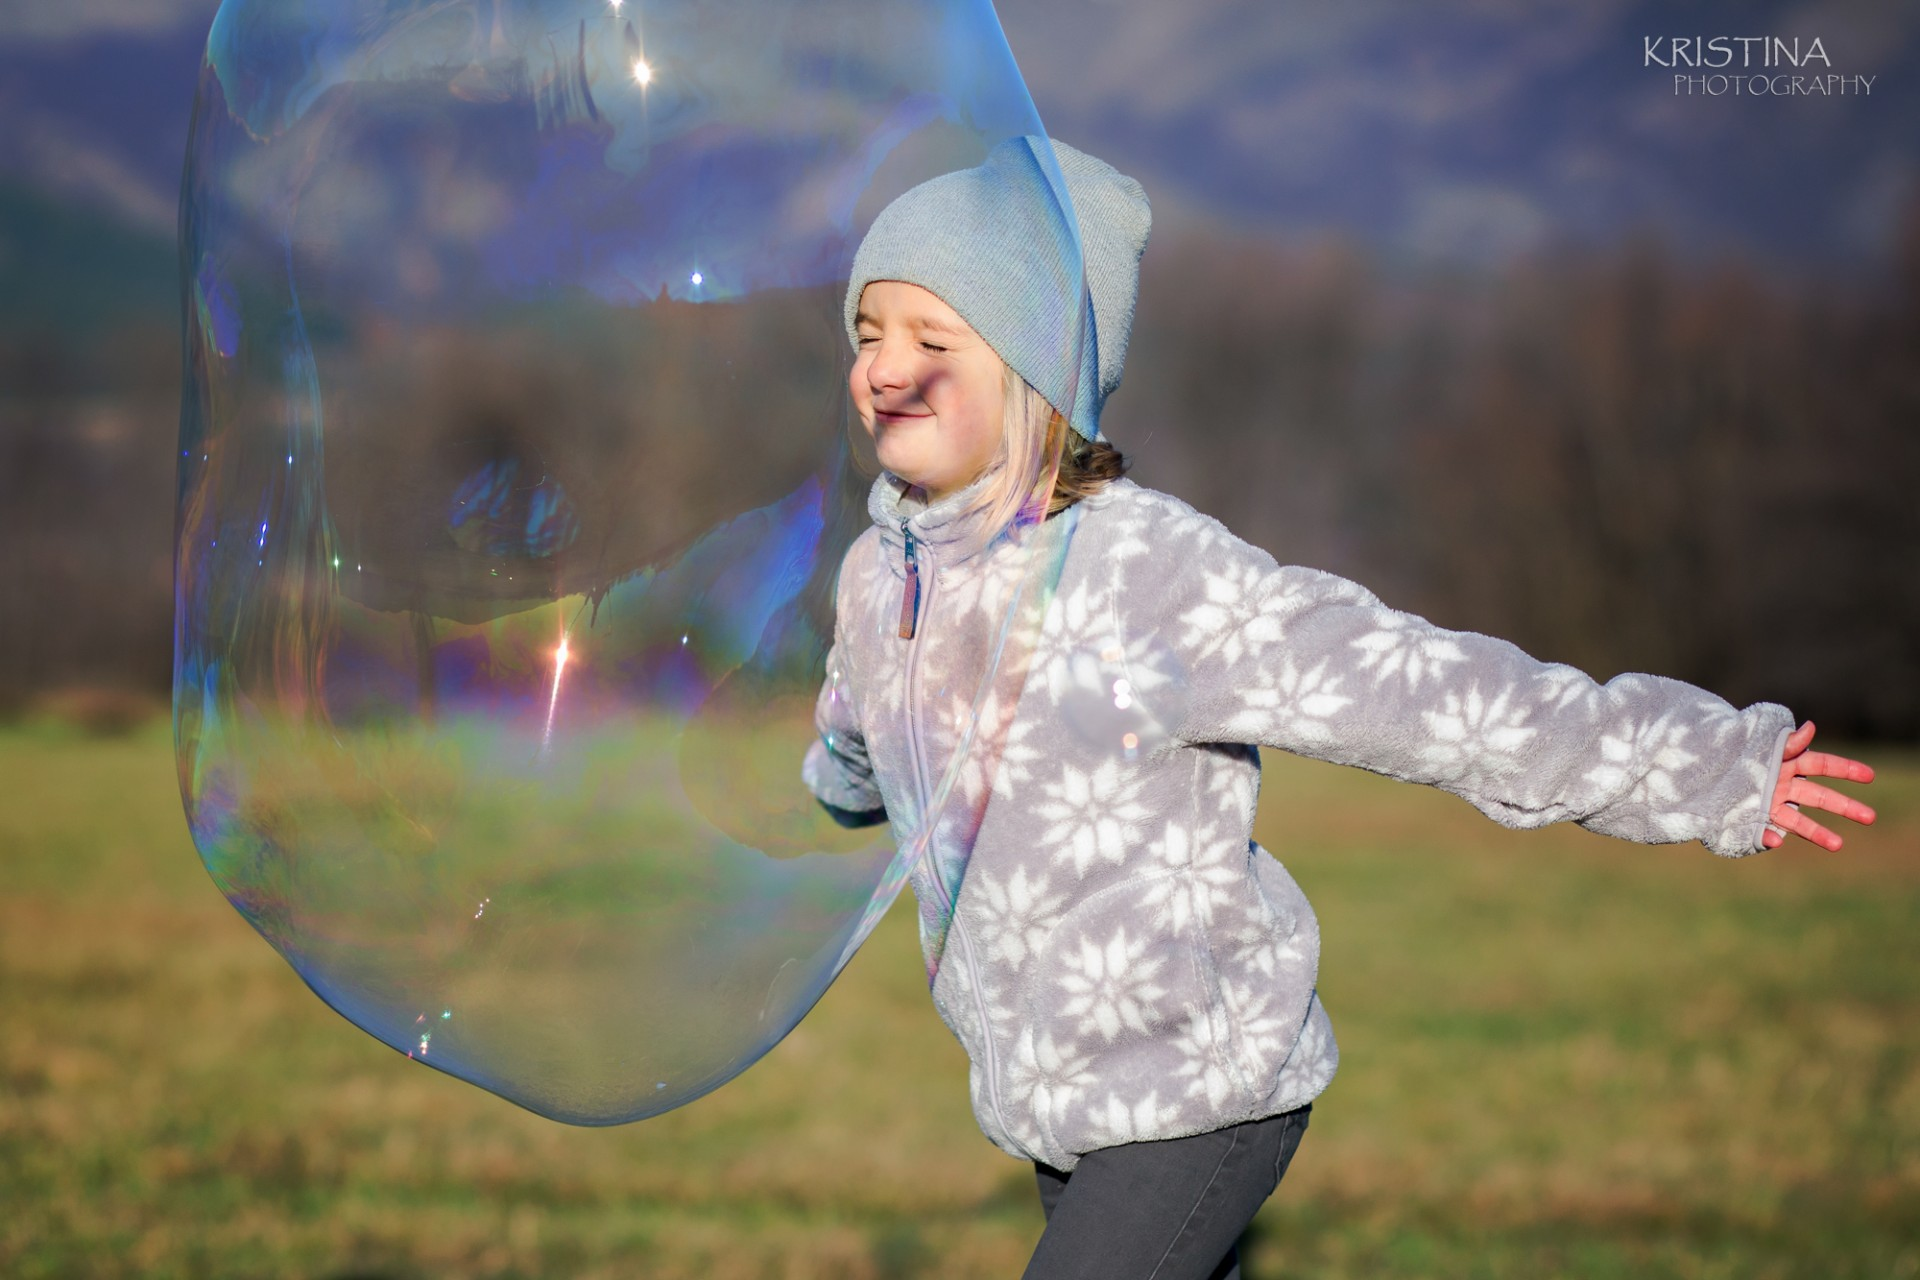 #детска фотография (16)